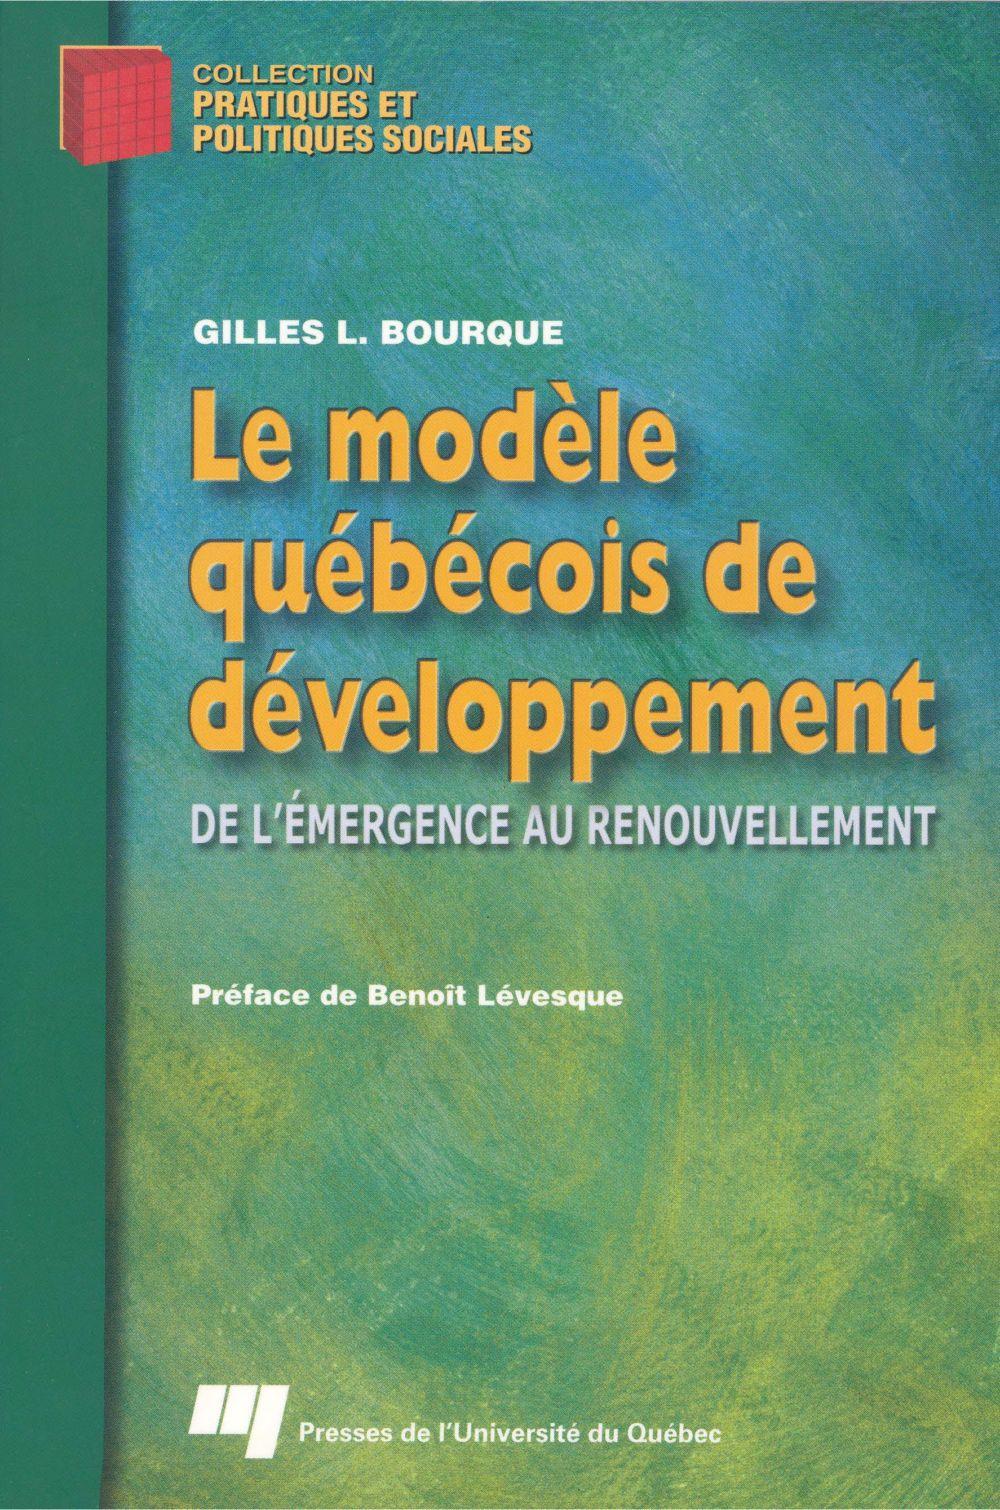 Le modèle québécois de développement